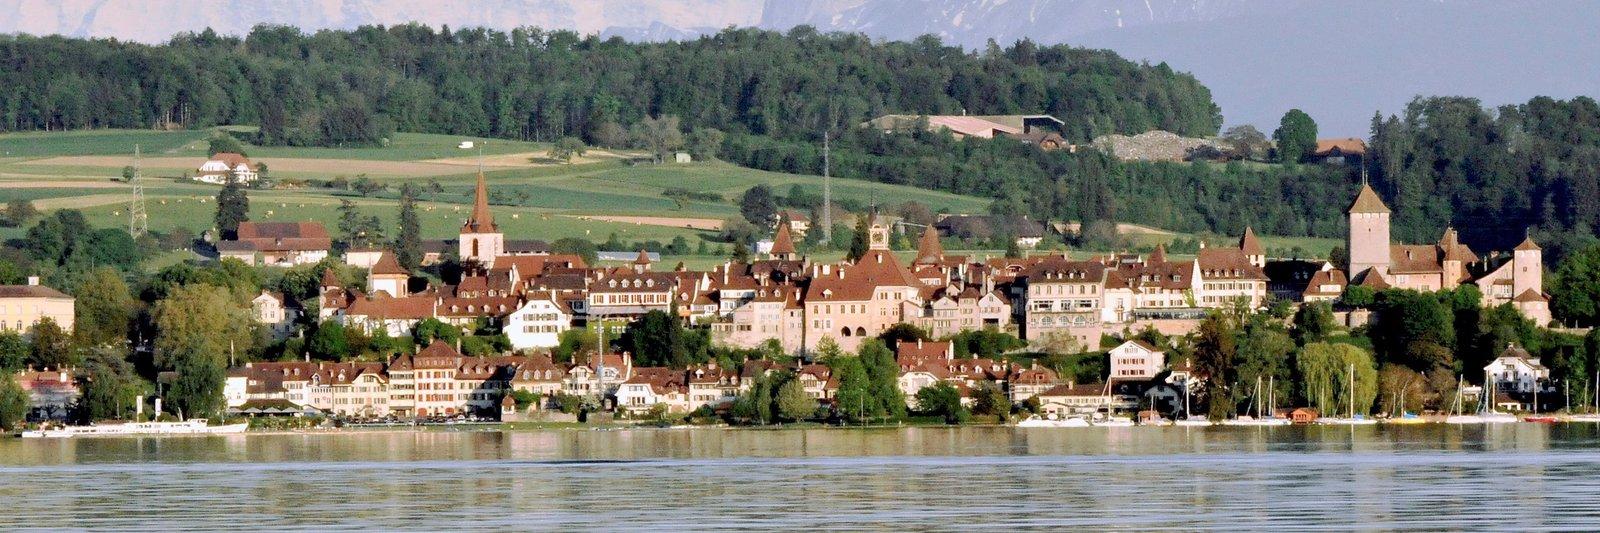 Banque Raiffeisen See-Lac